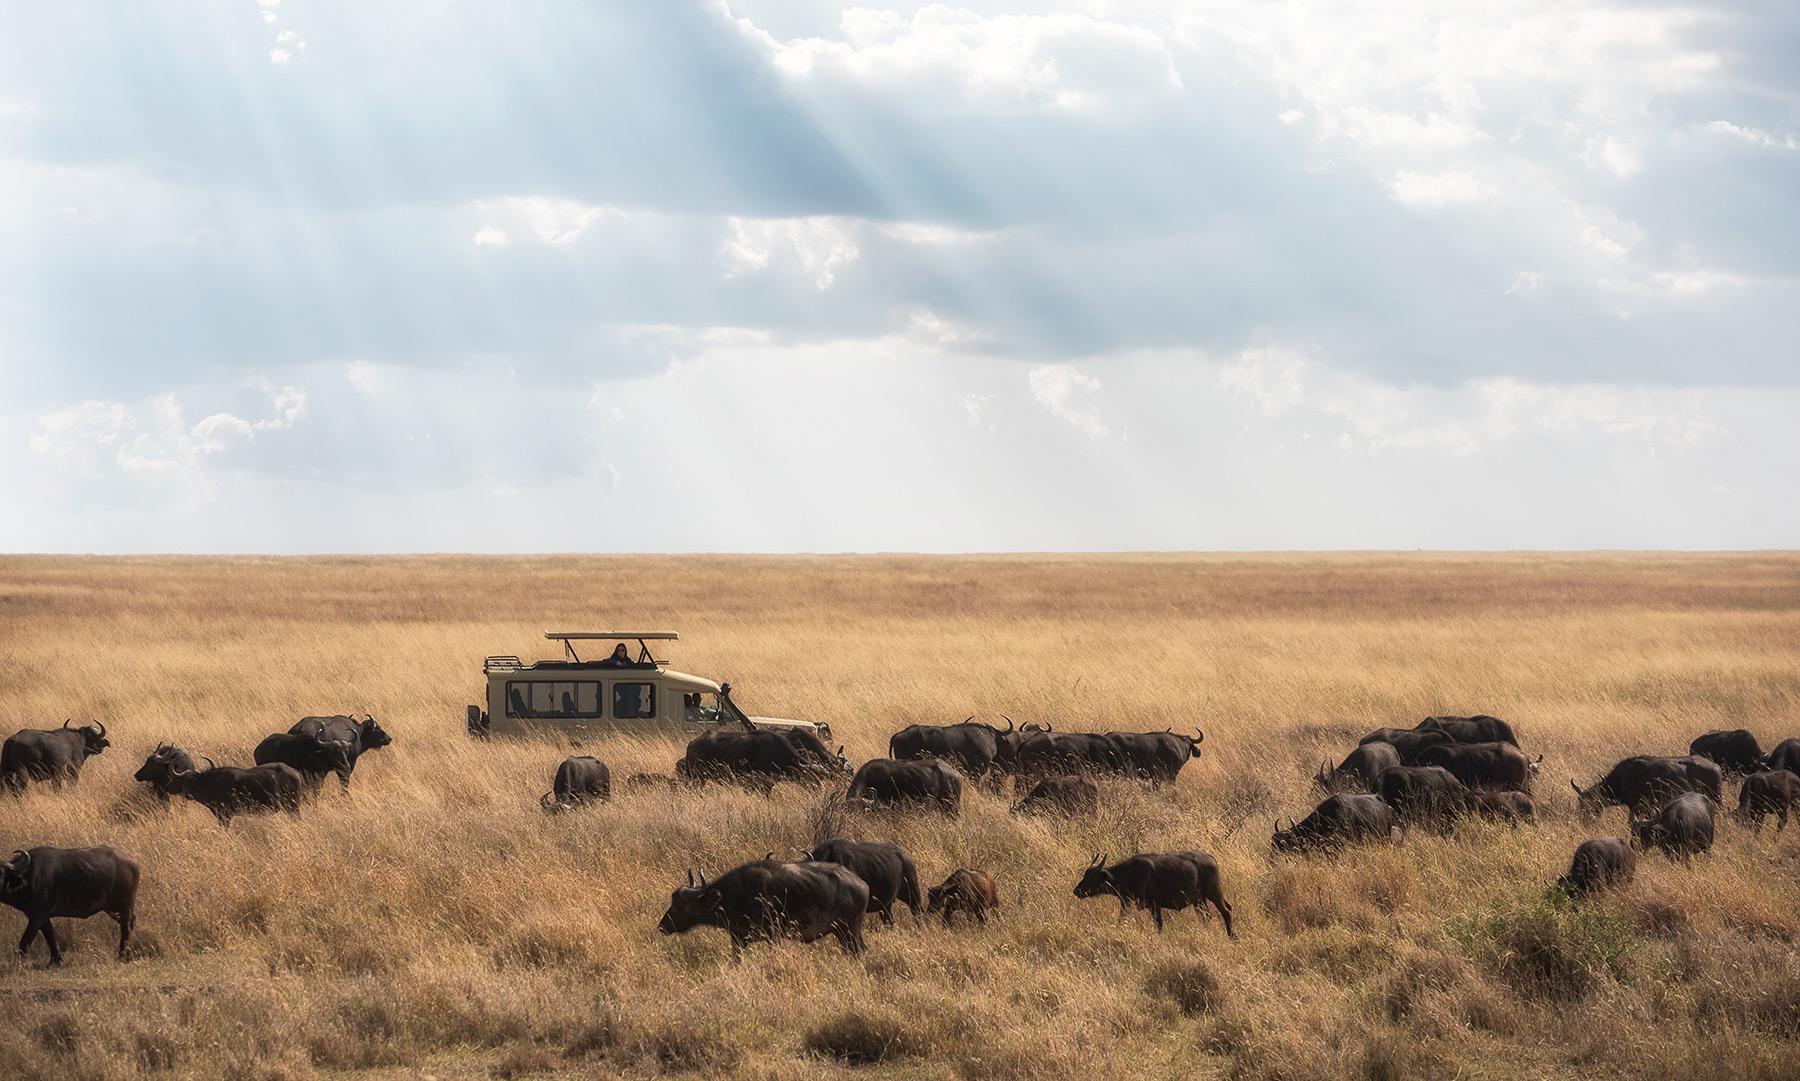 animals in desert africa travels